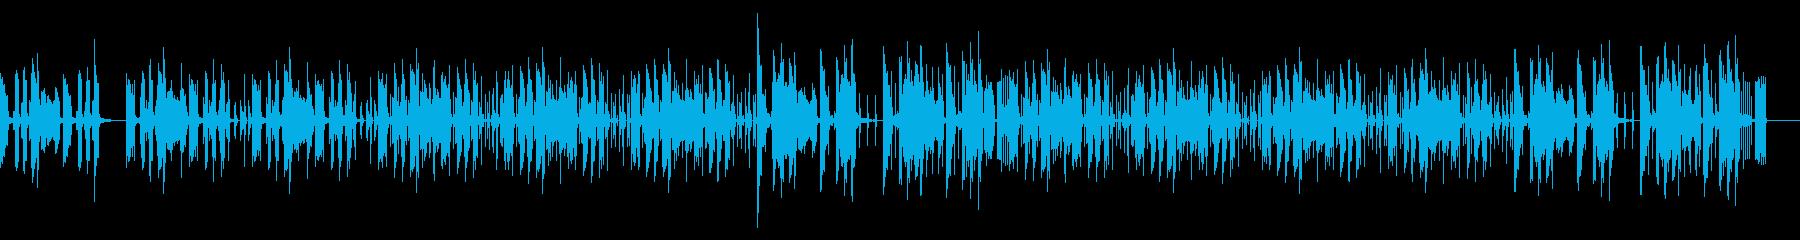 おしゃれカフェテラスリラックスチルアウトの再生済みの波形